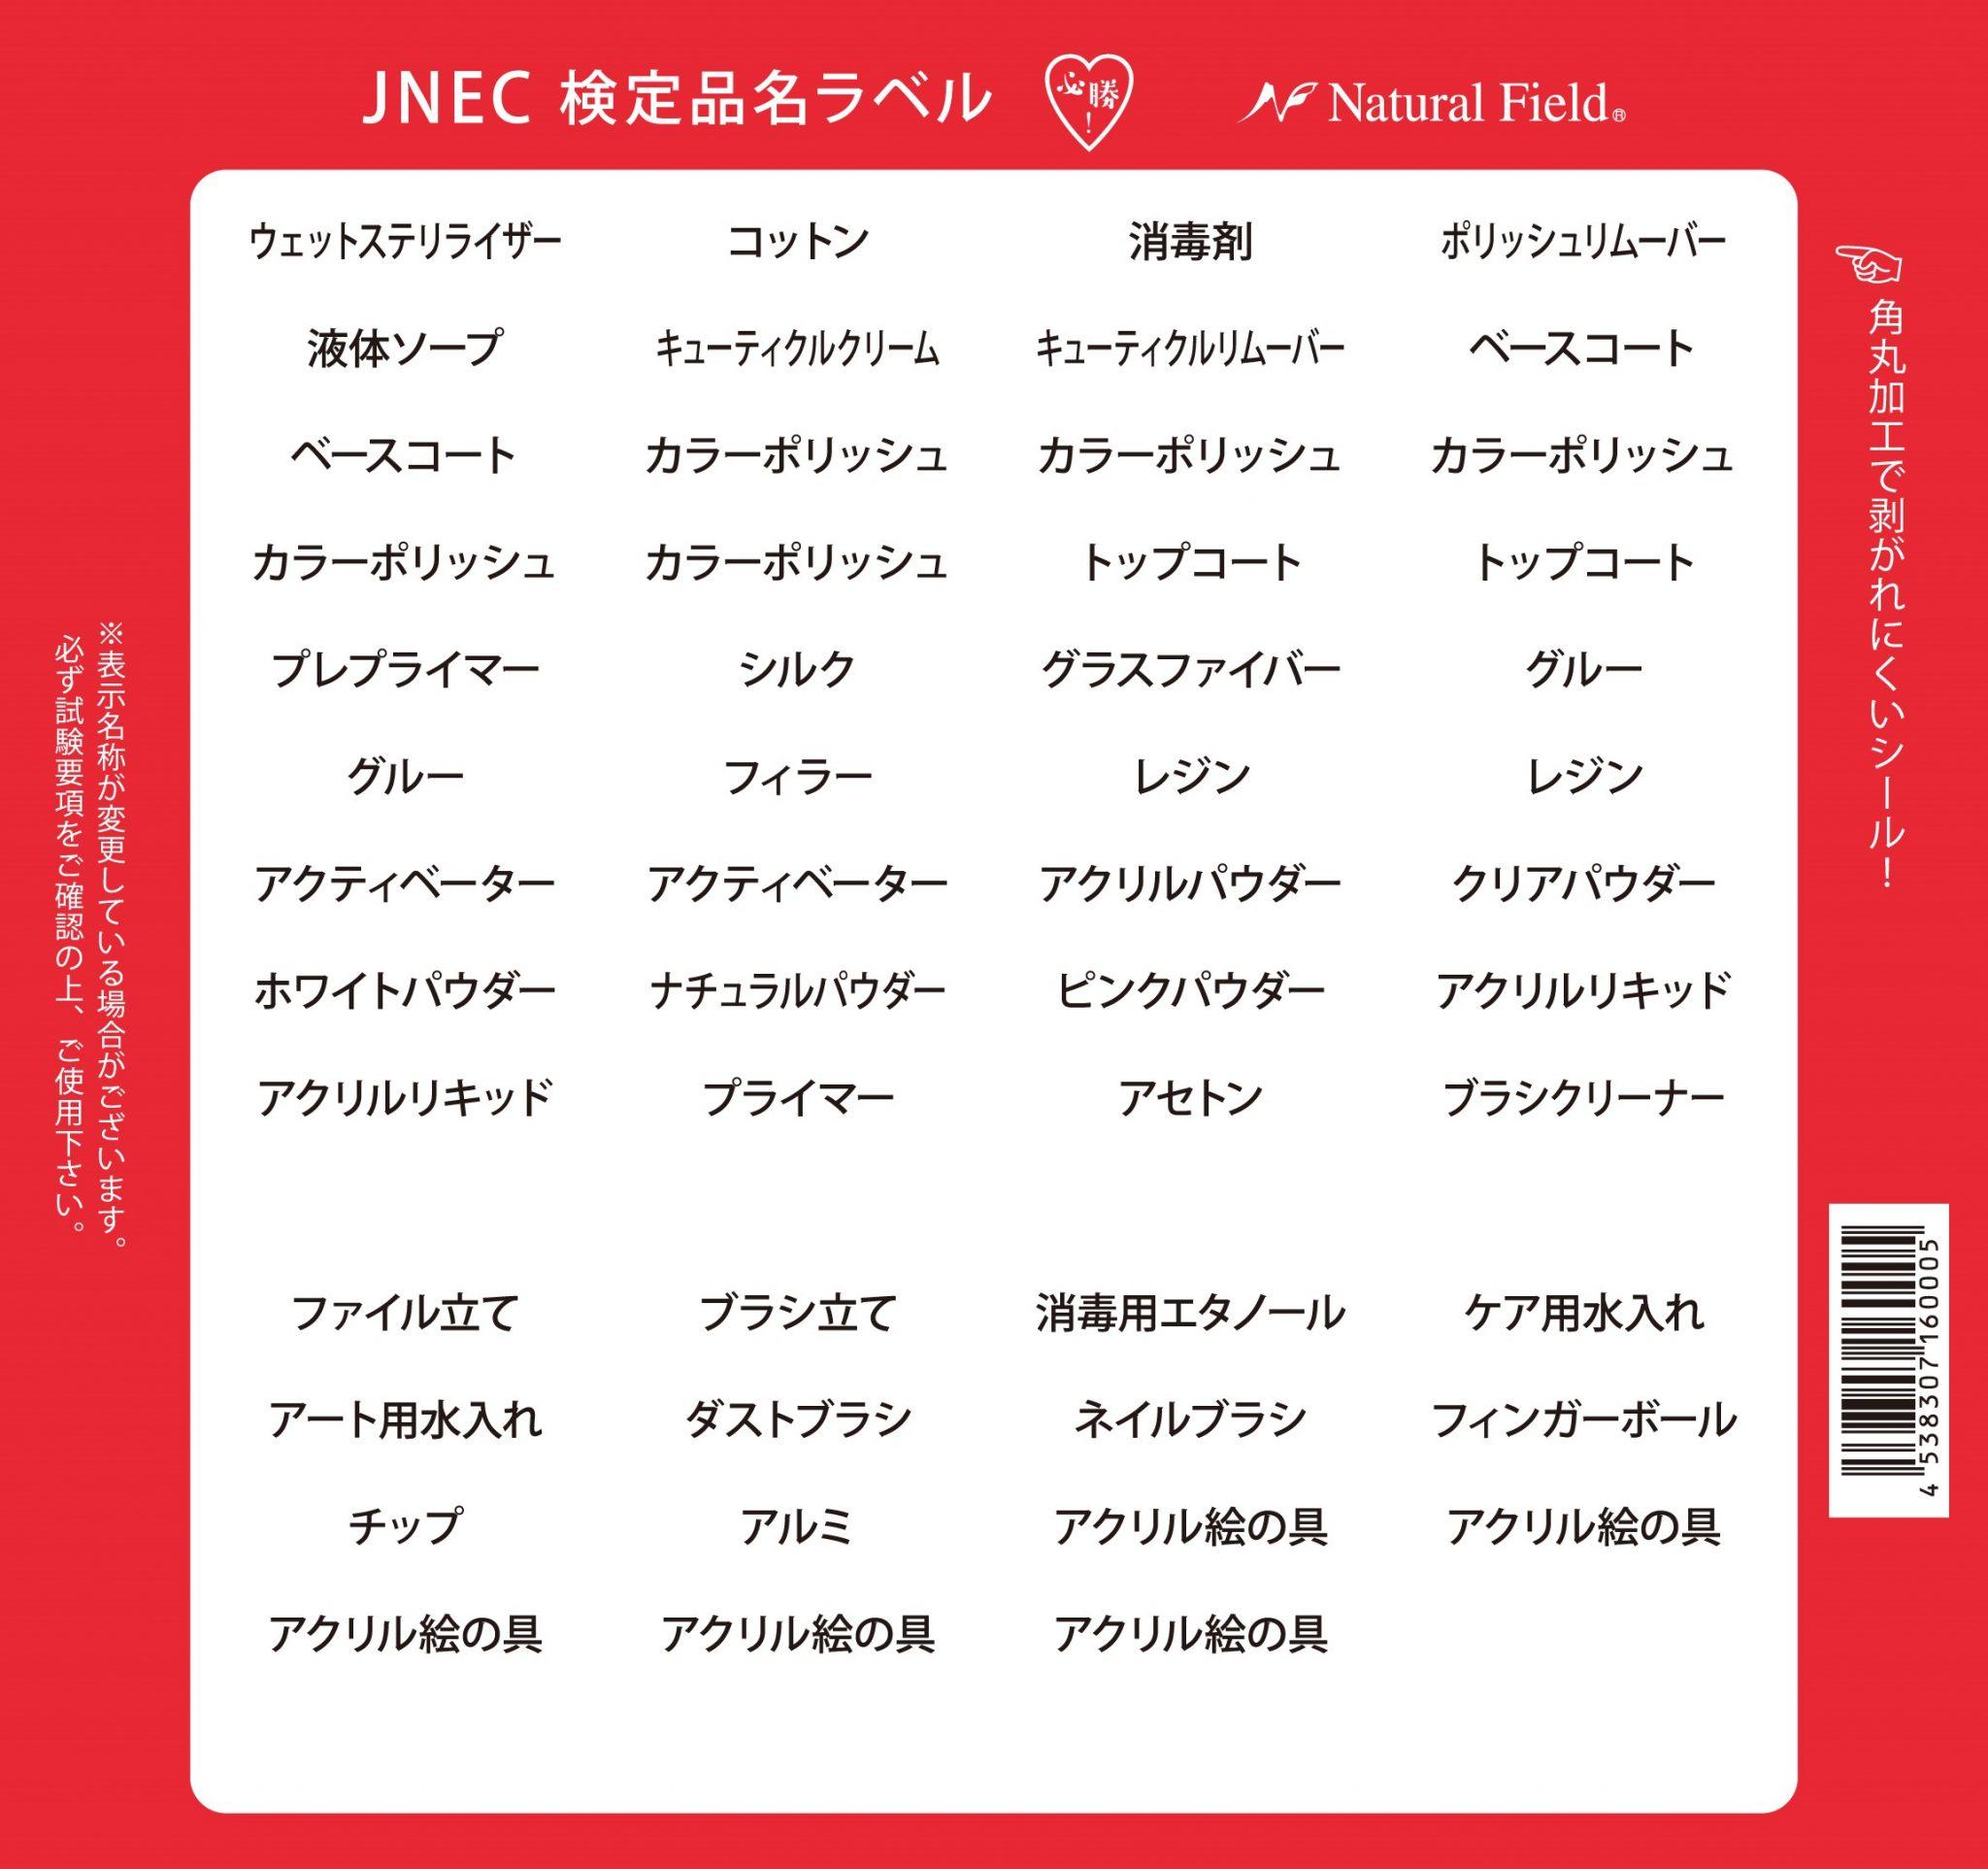 検定品名ラベル JNEC